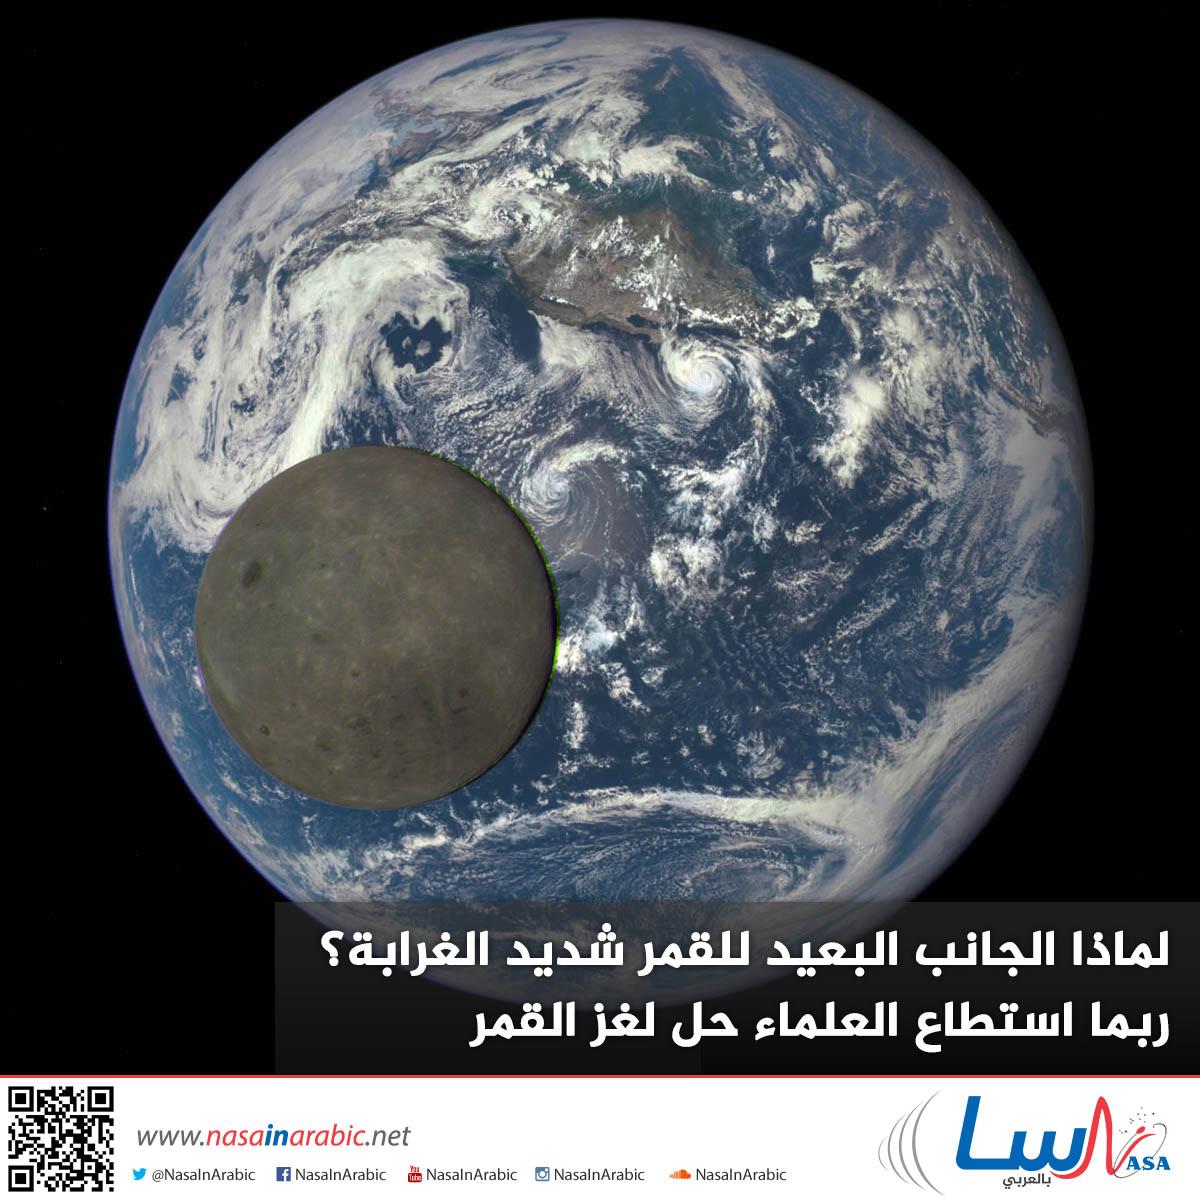 لماذا الجانب البعيد للقمر شديد الغرابة؟ ربما استطاع العلماء حل لغز القمر